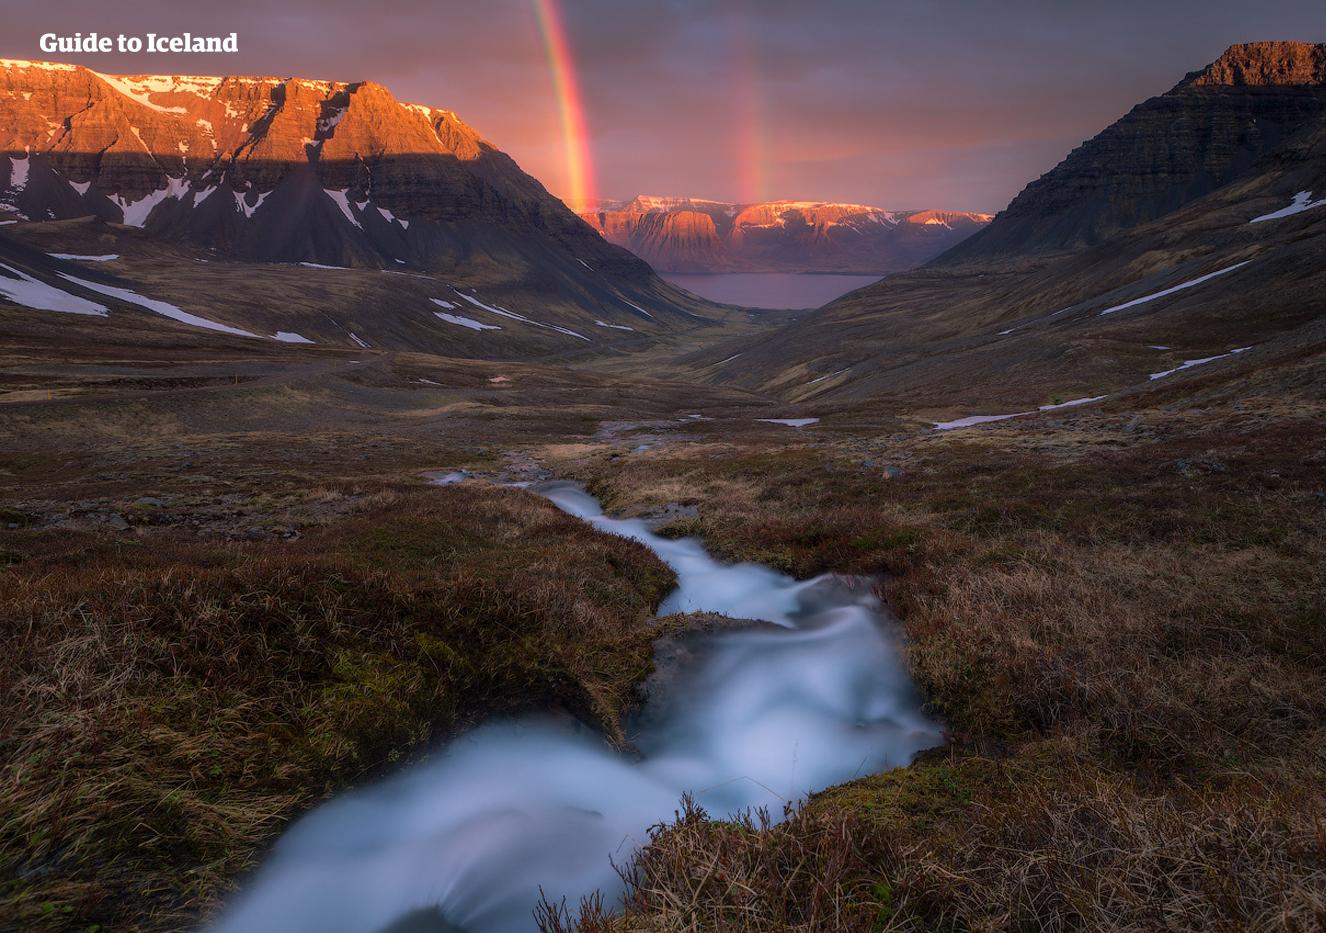 Die Fahrt nach Akureyri gilt als eine der schönsten Strecken des Landes.